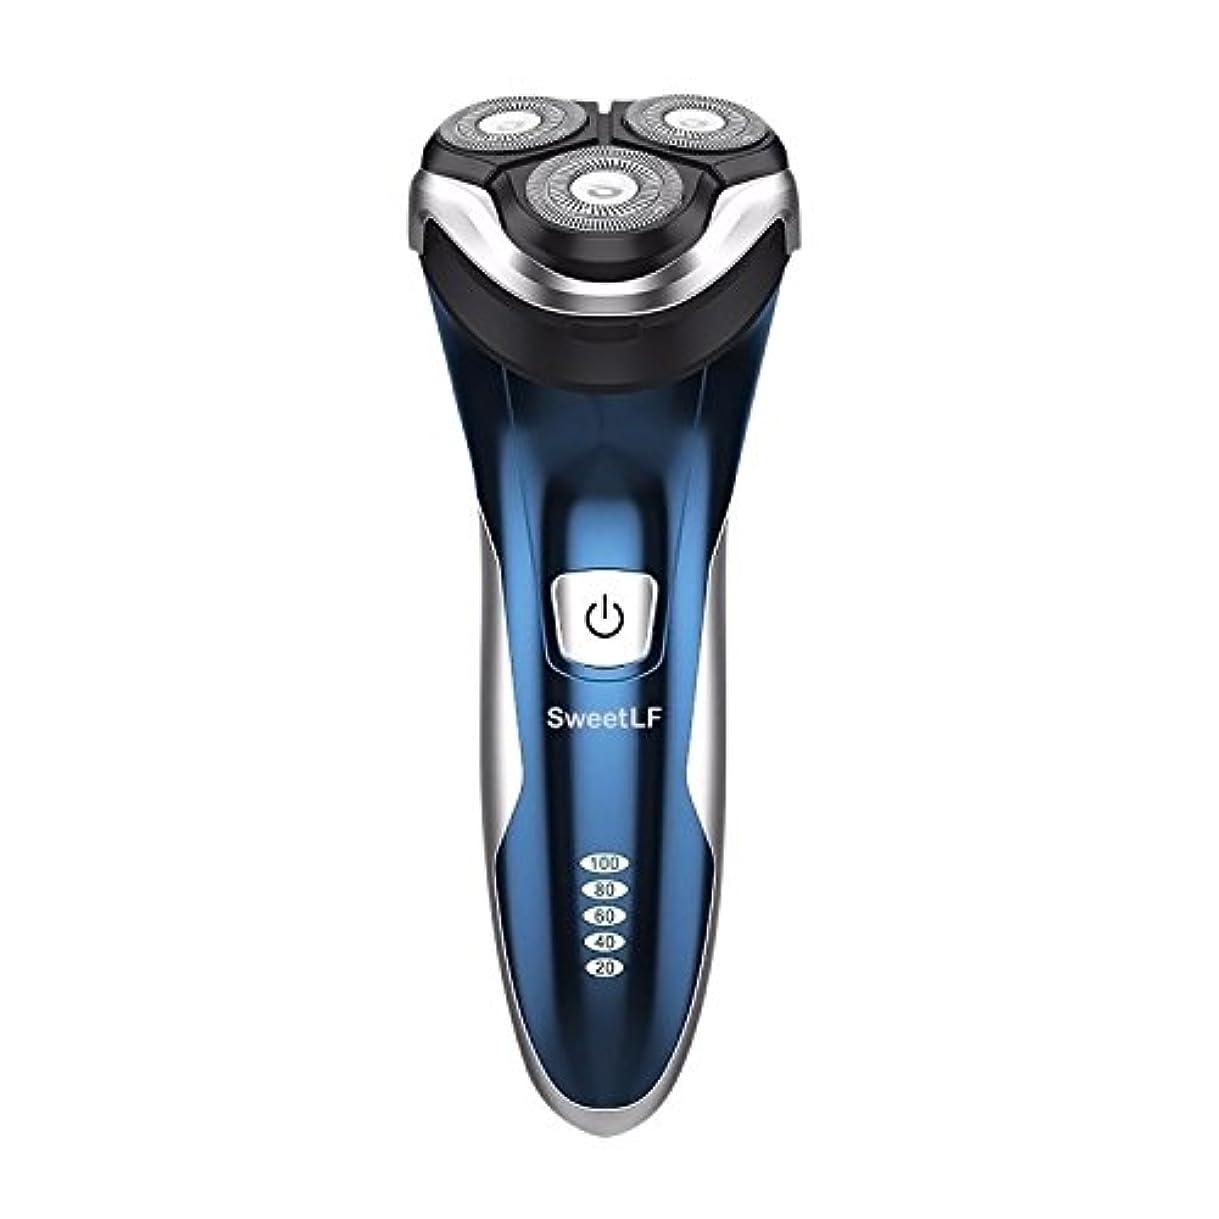 パースブラックボロウ裏切り配るSweetLF メンズ 電気シェーバー ひげそり 電気カミソリ 回転式 3枚刃 USB充電式 IPX7防水 お風呂剃り可 LEDディスプレイ トリマー付き